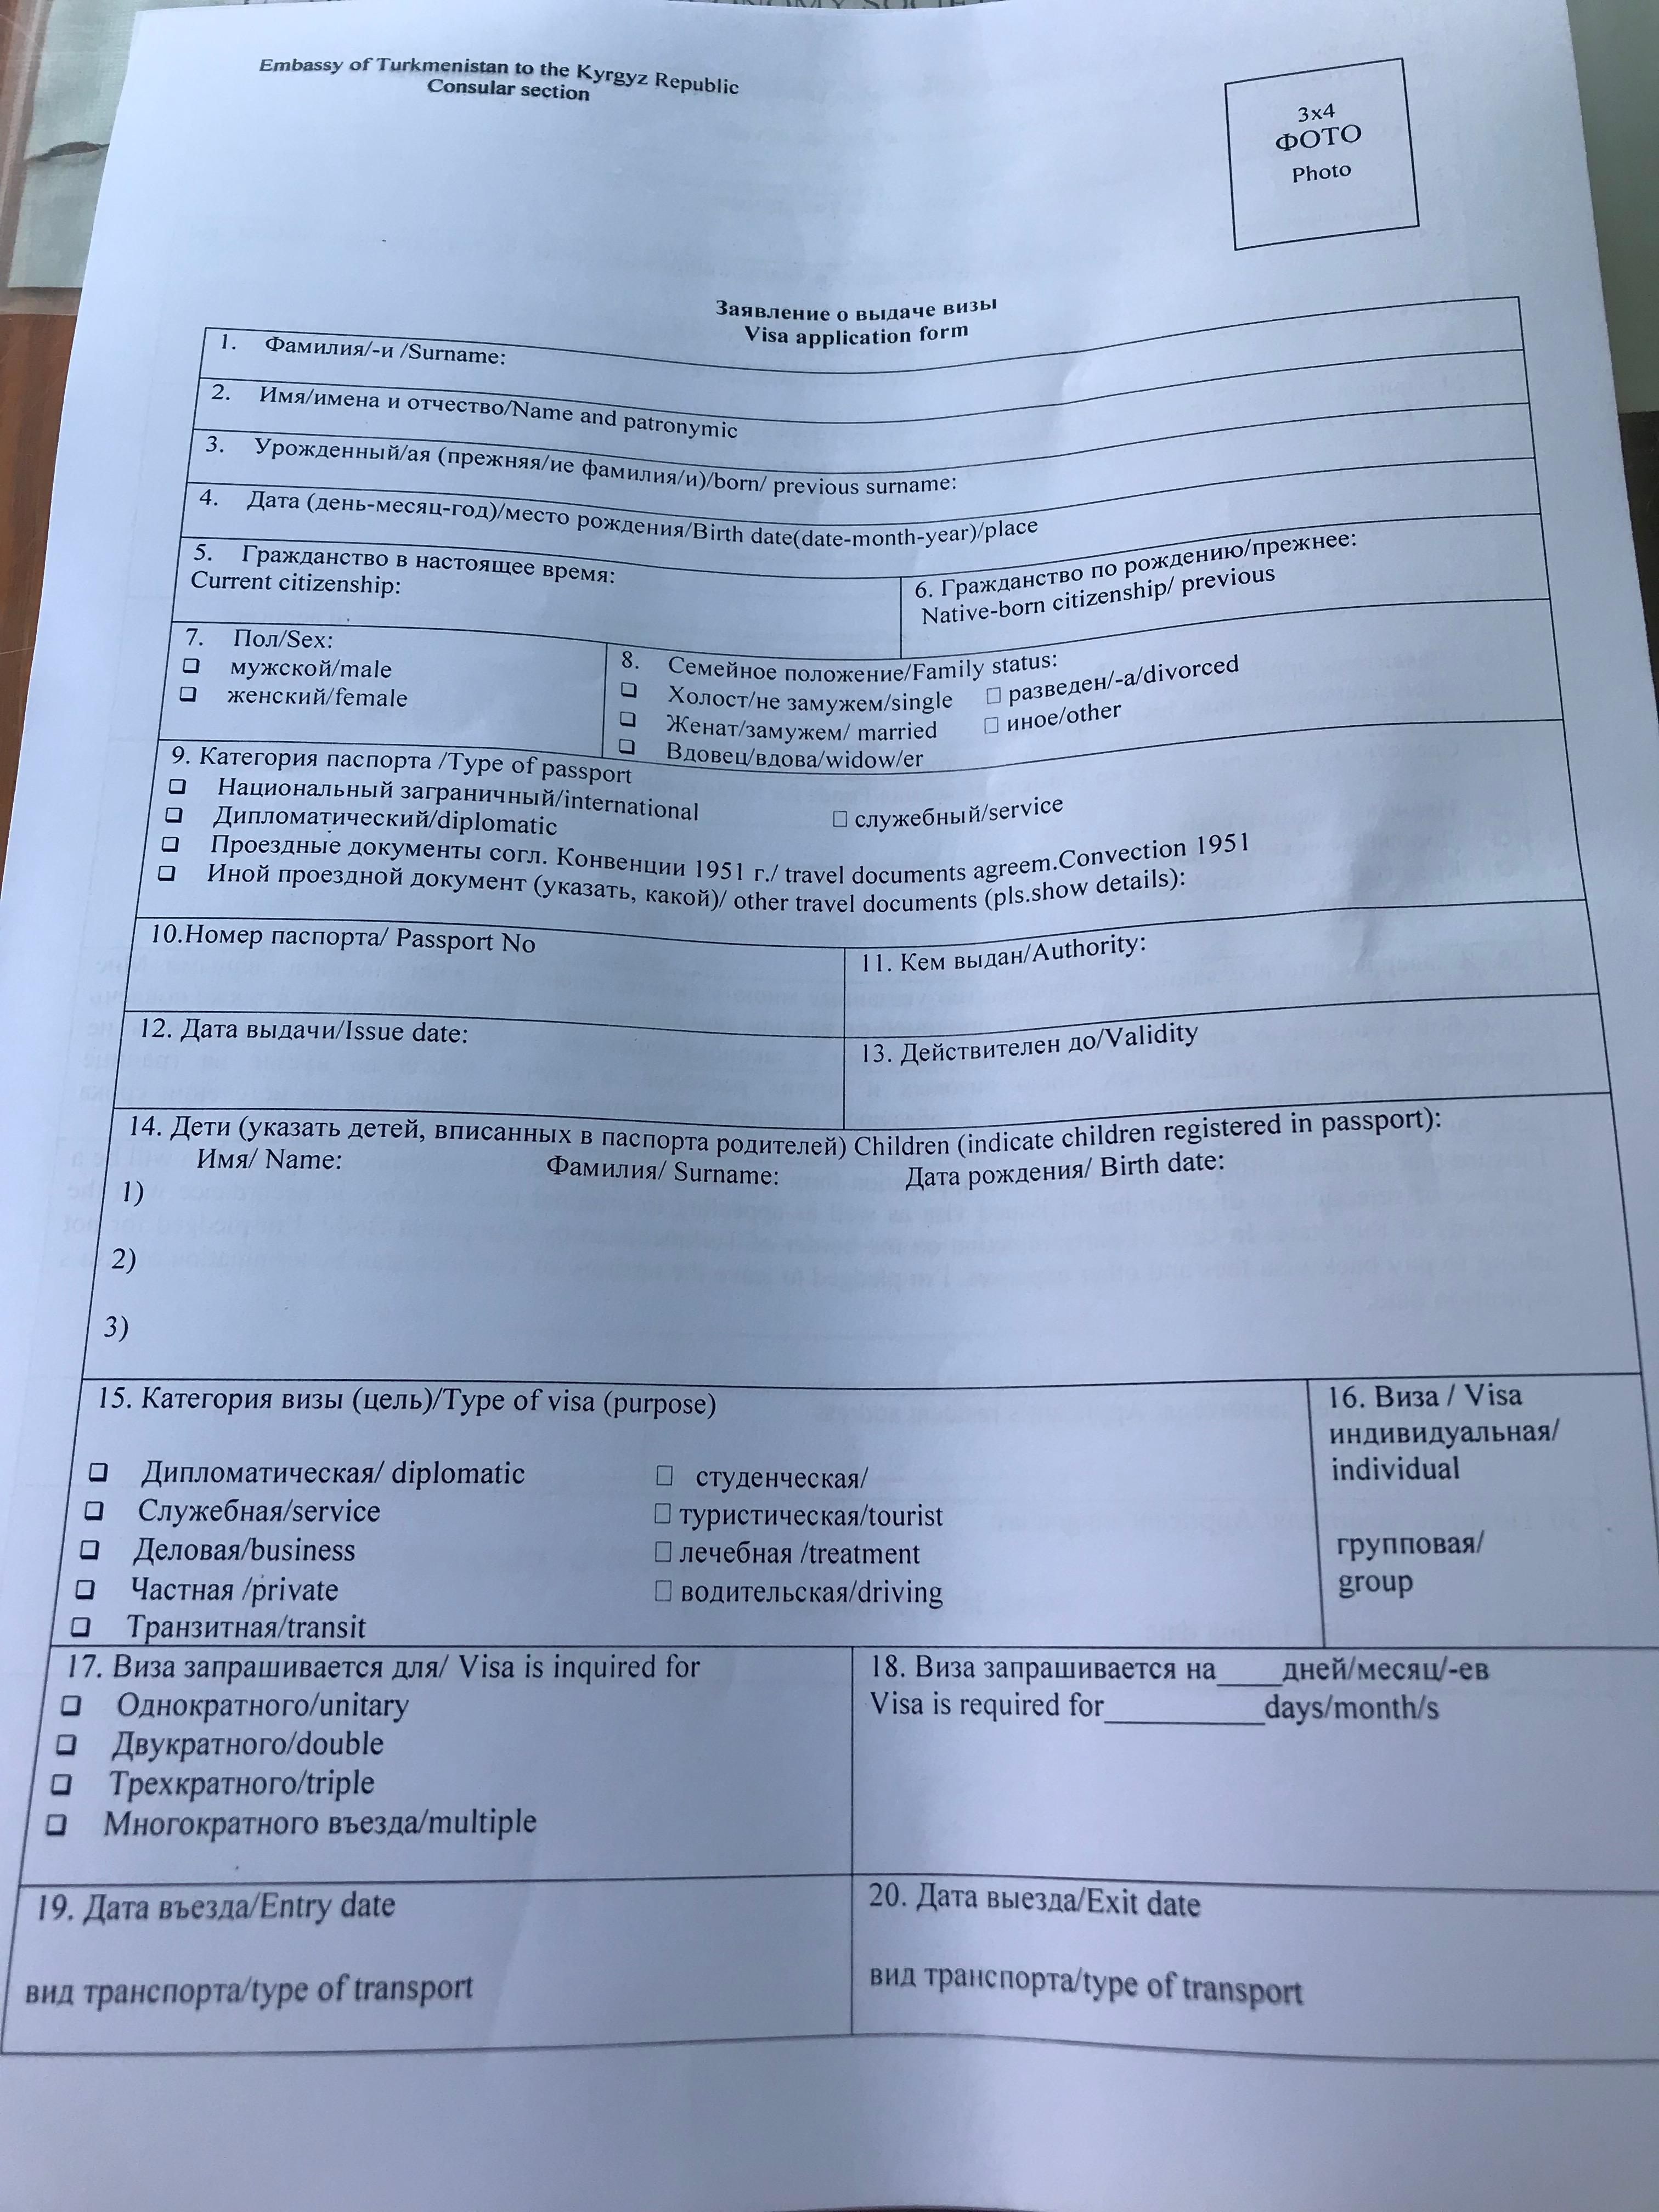 トルクメニスタンビザ申請